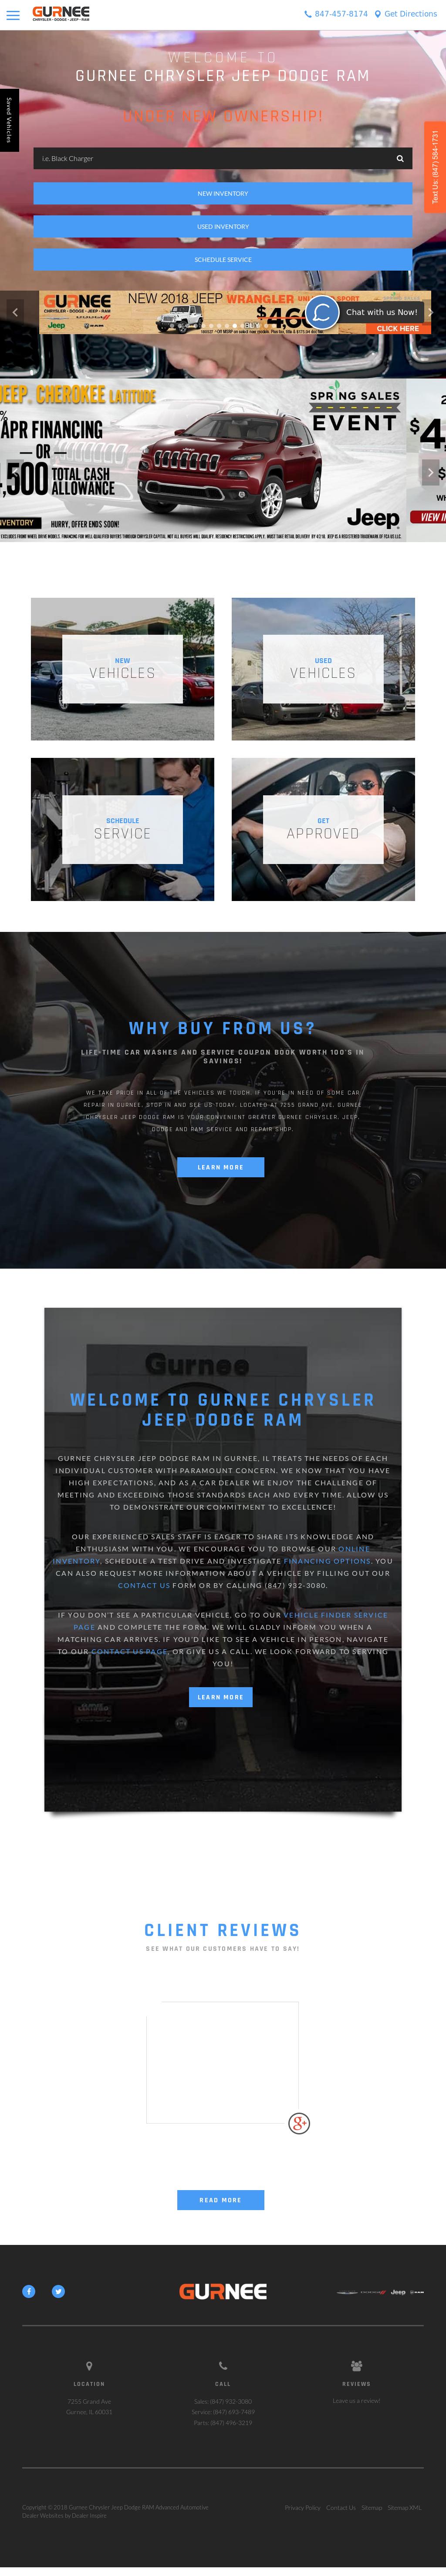 Lovely Gurnee Dodge Chrysler Jeep RAM Website History